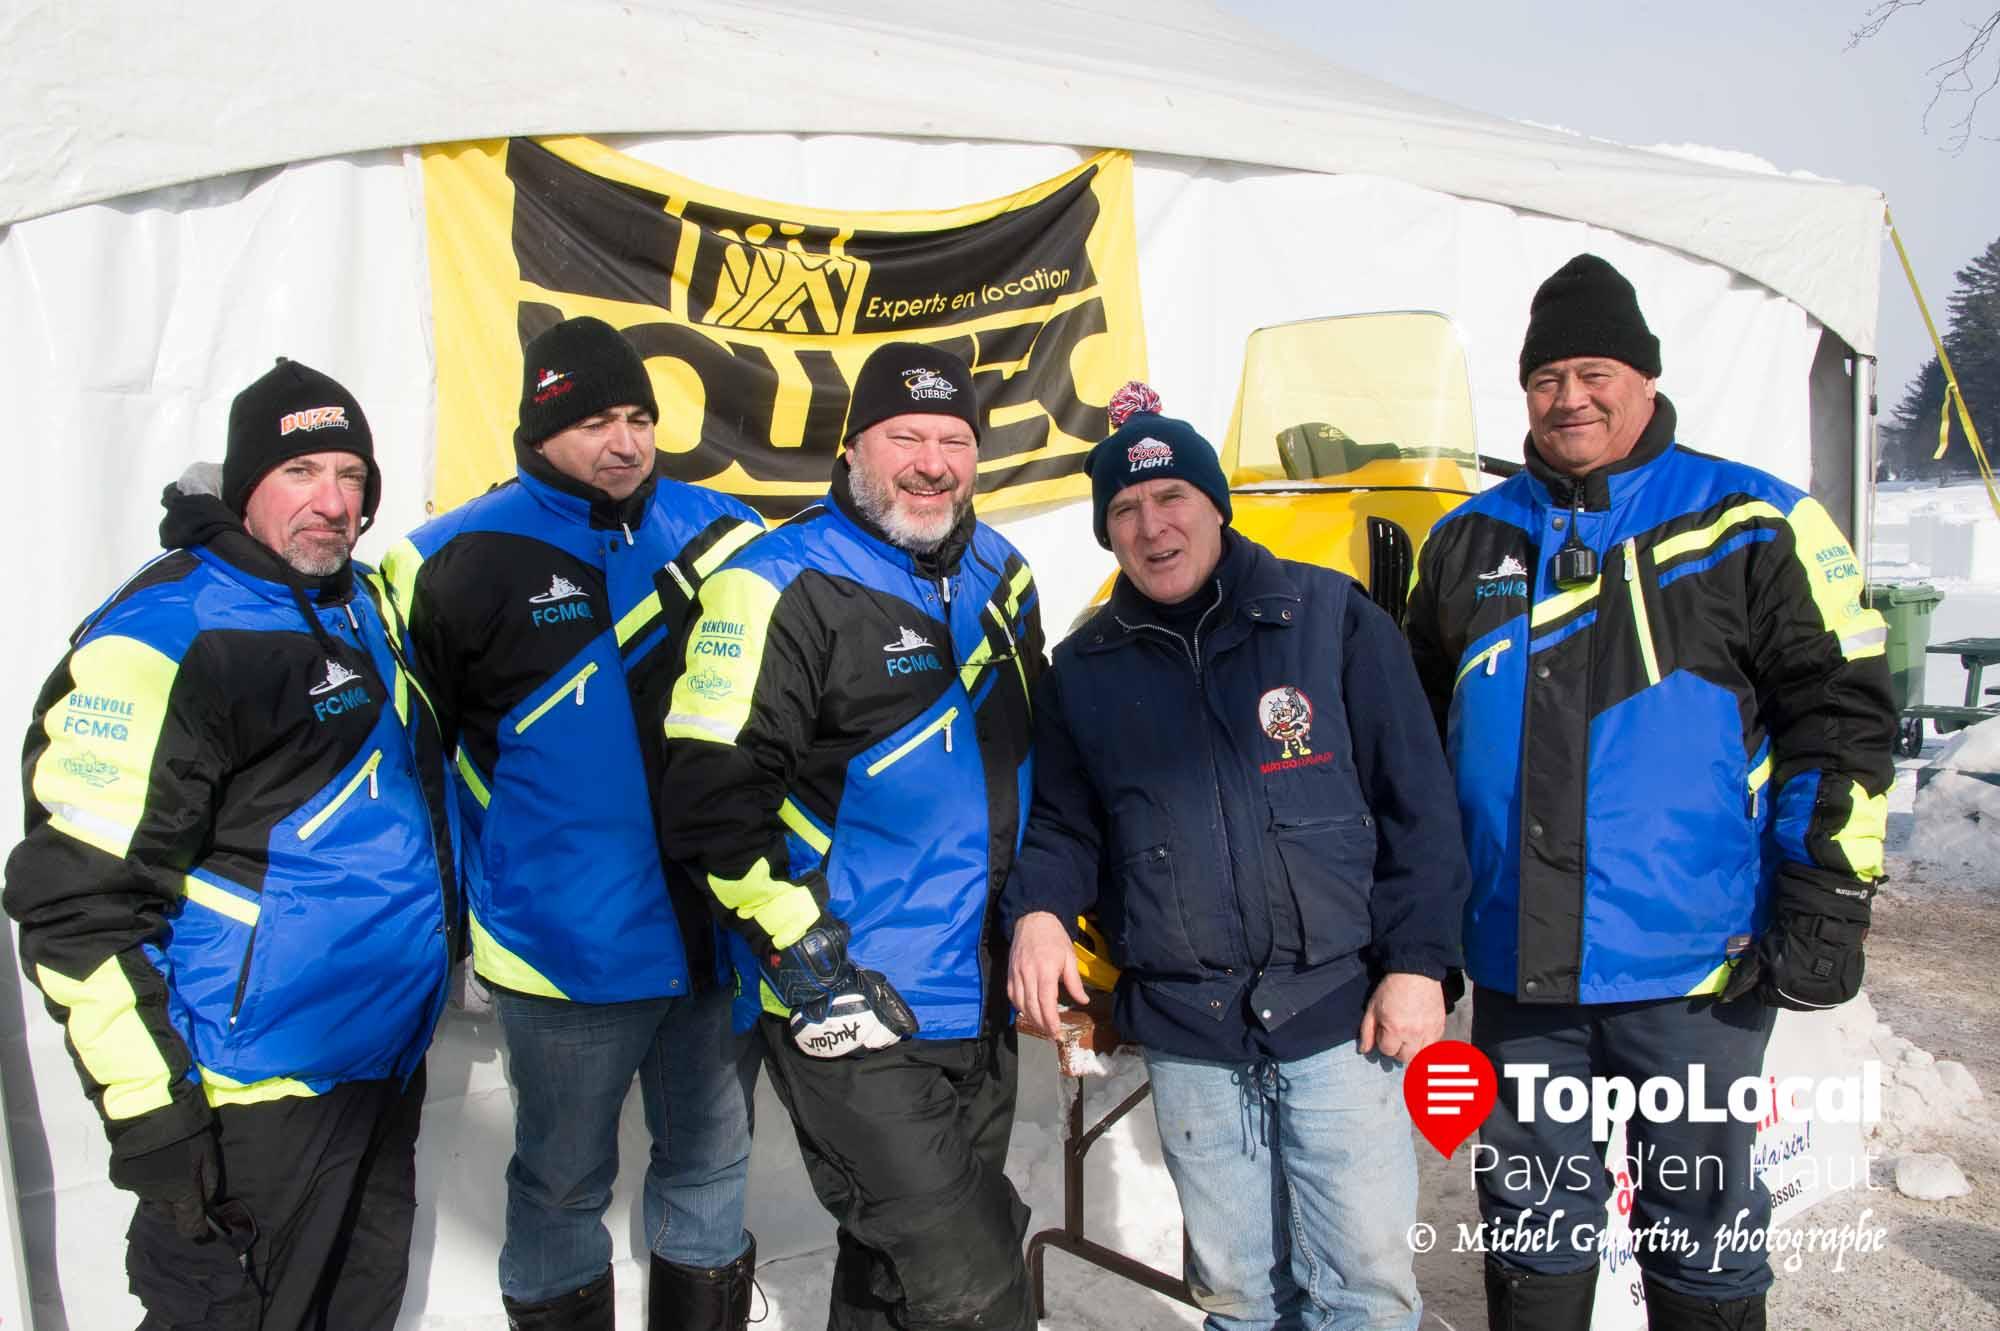 Le grand froid ne les dérangeant pas car ils en ont vu d'autres, voici quelques membres présent du Club de Motoneige Blizzard. Il s'agit de Claude Mongeon, Alain Richer, Daniel Beaudoin, Clément Belval et Daniel Laberge.